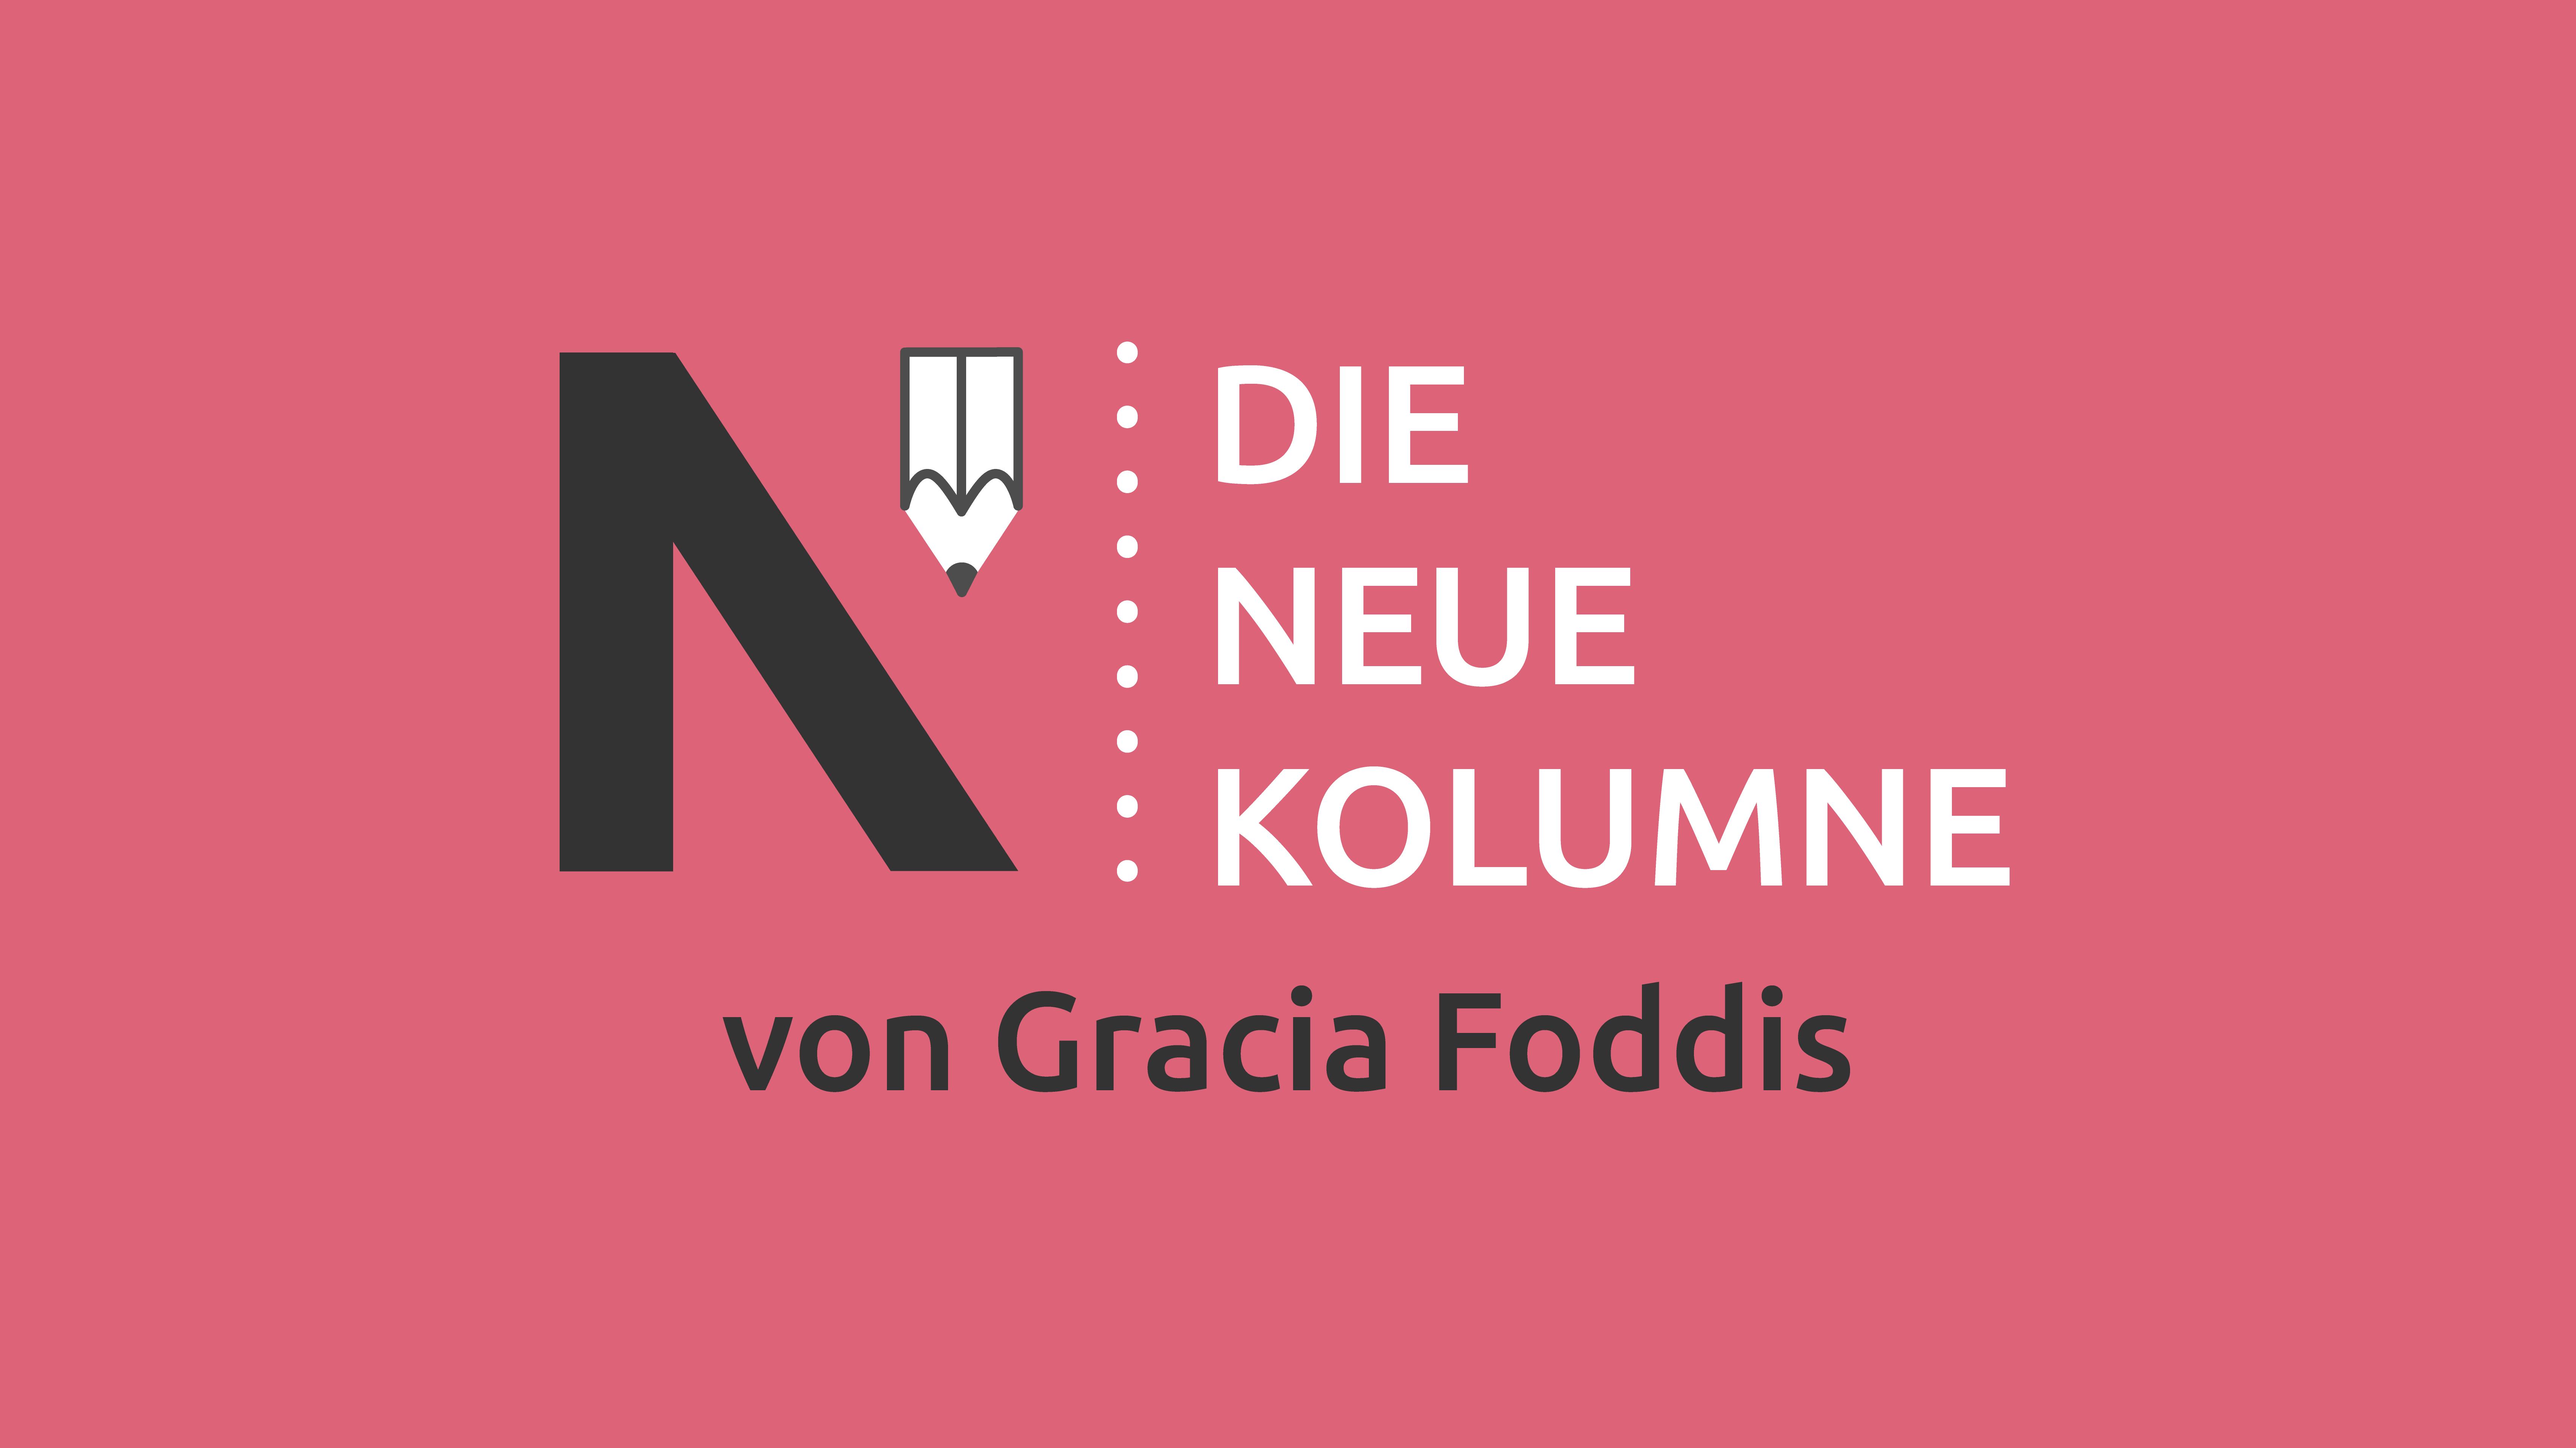 Das Logo von Die Neue Norm auf pinkem Grund. Rechts davon steht: die Neue Kolumne. Unten steht: von Gracia Foddis.